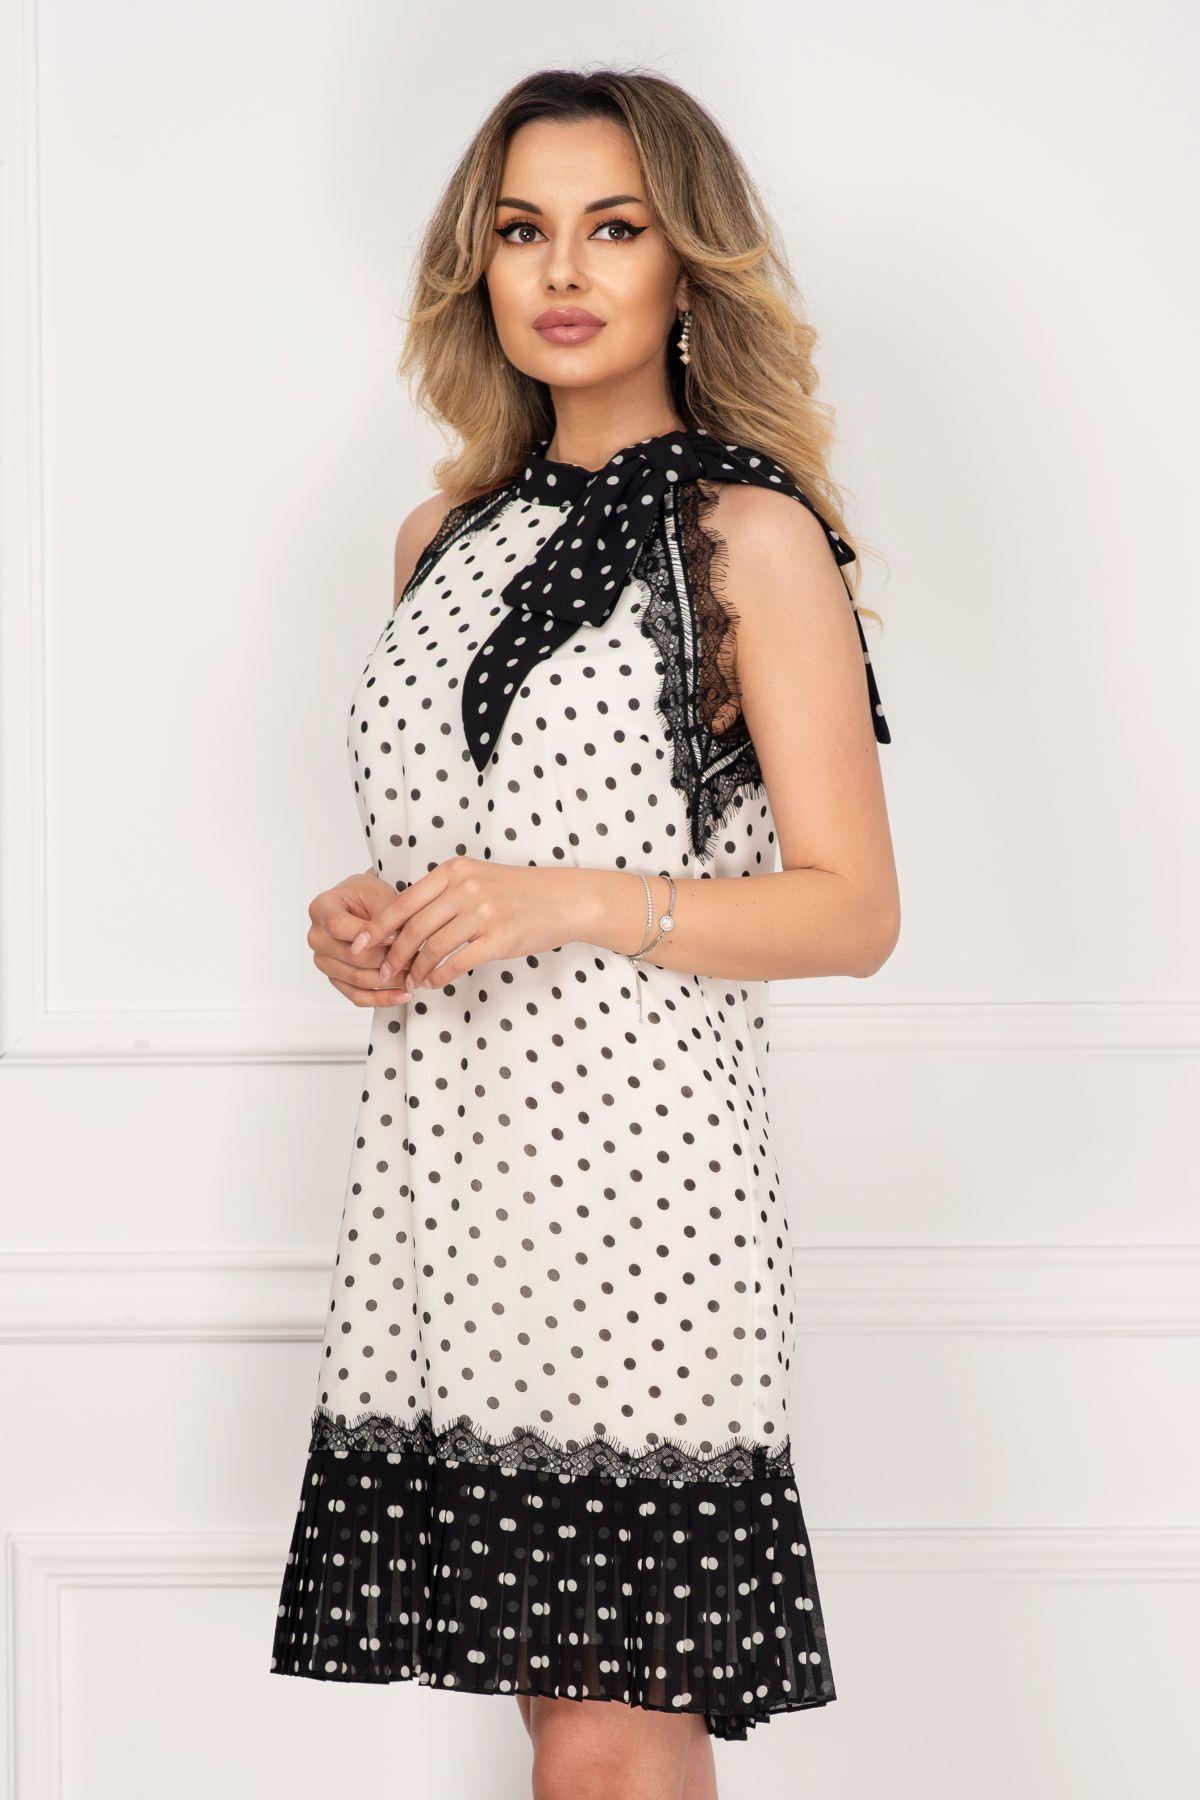 Rochie Xara din voal cu buline alb negru si insertii din dantela